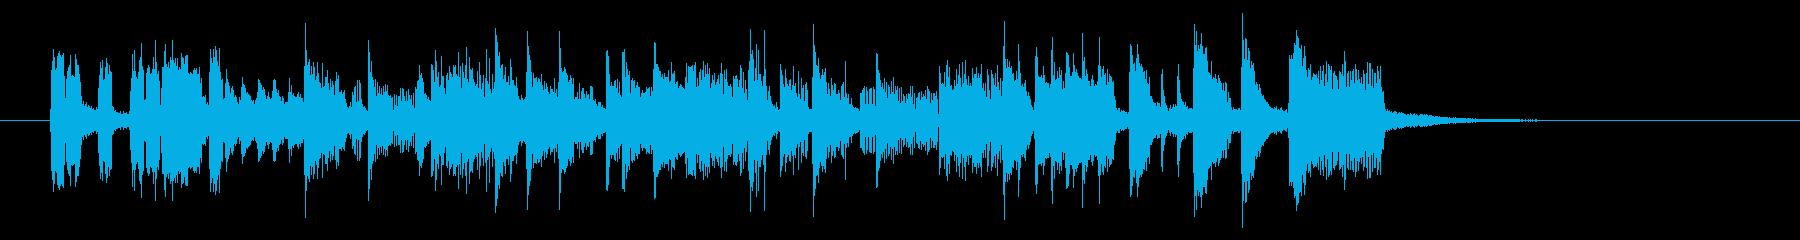 可憐で軽快なポップピアノジングルの再生済みの波形